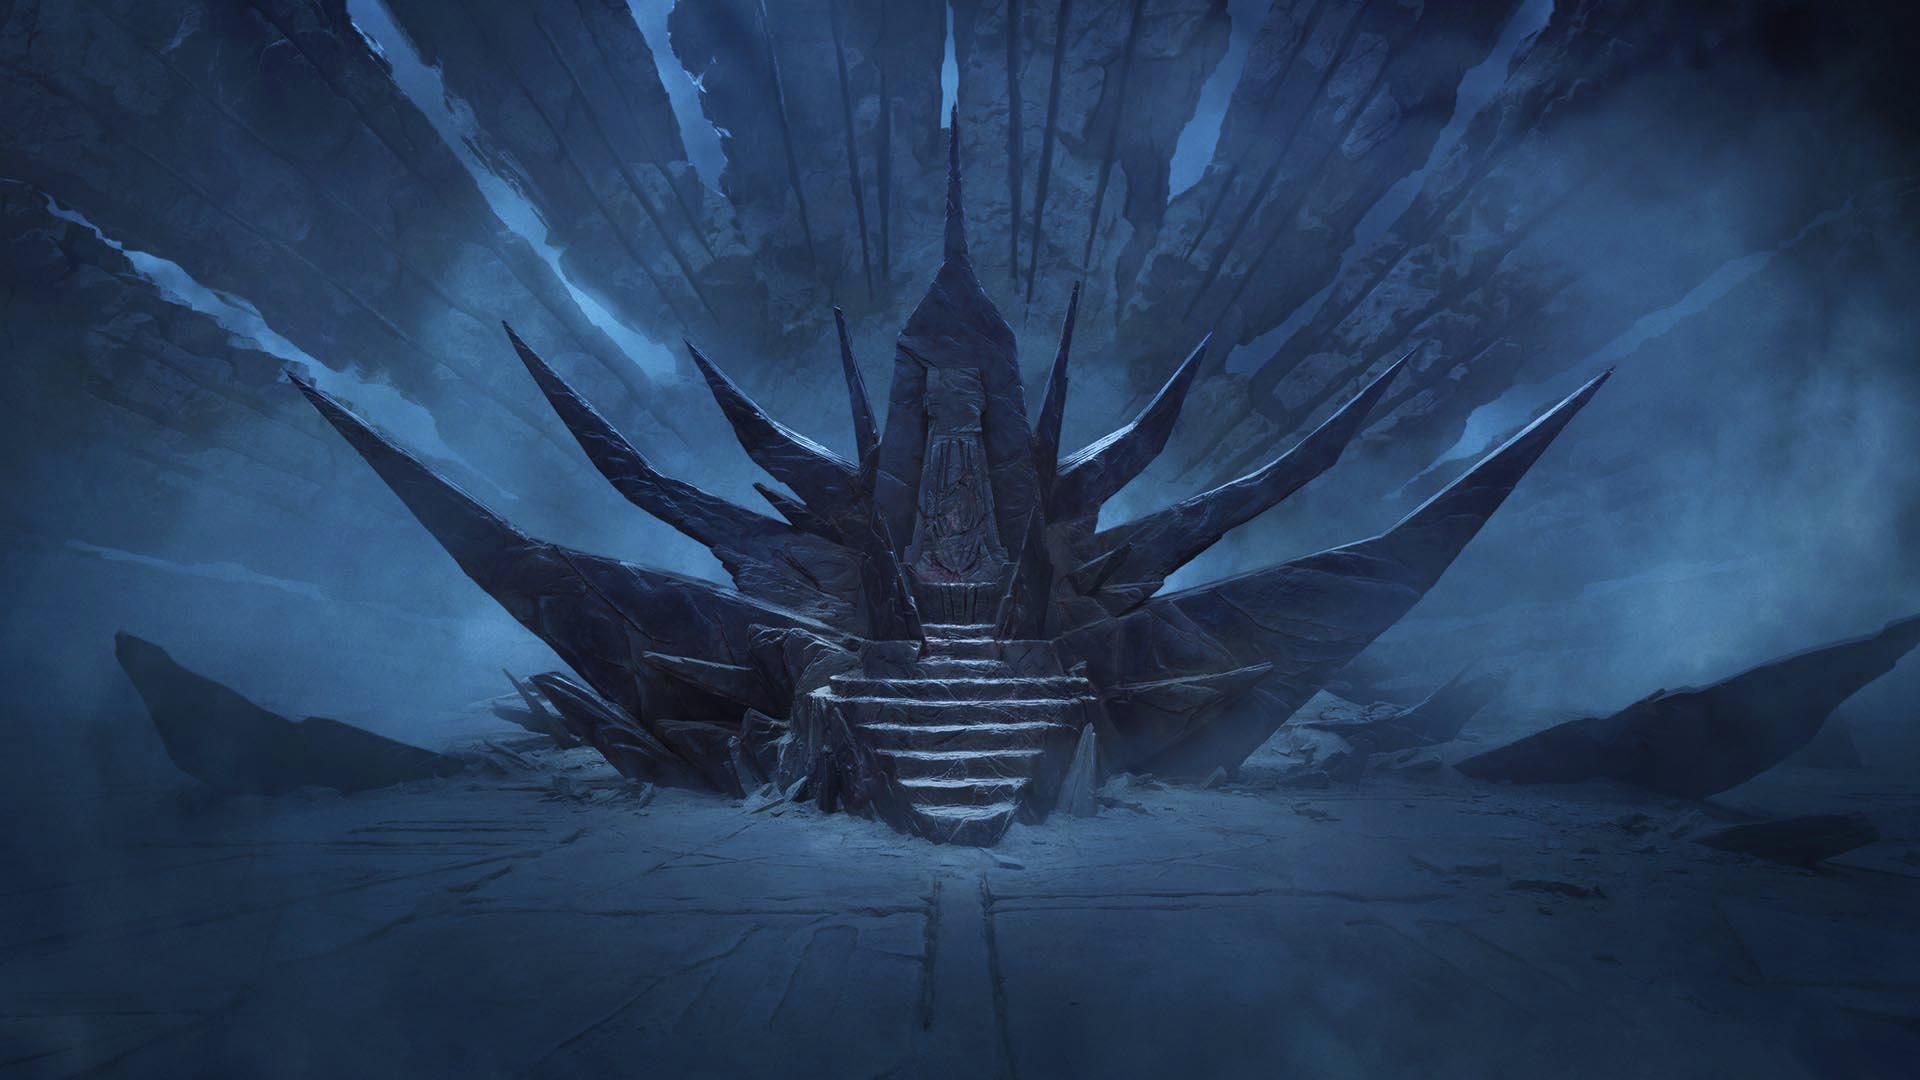 Sith Citadel Throne Room Wookieepedia Fandom